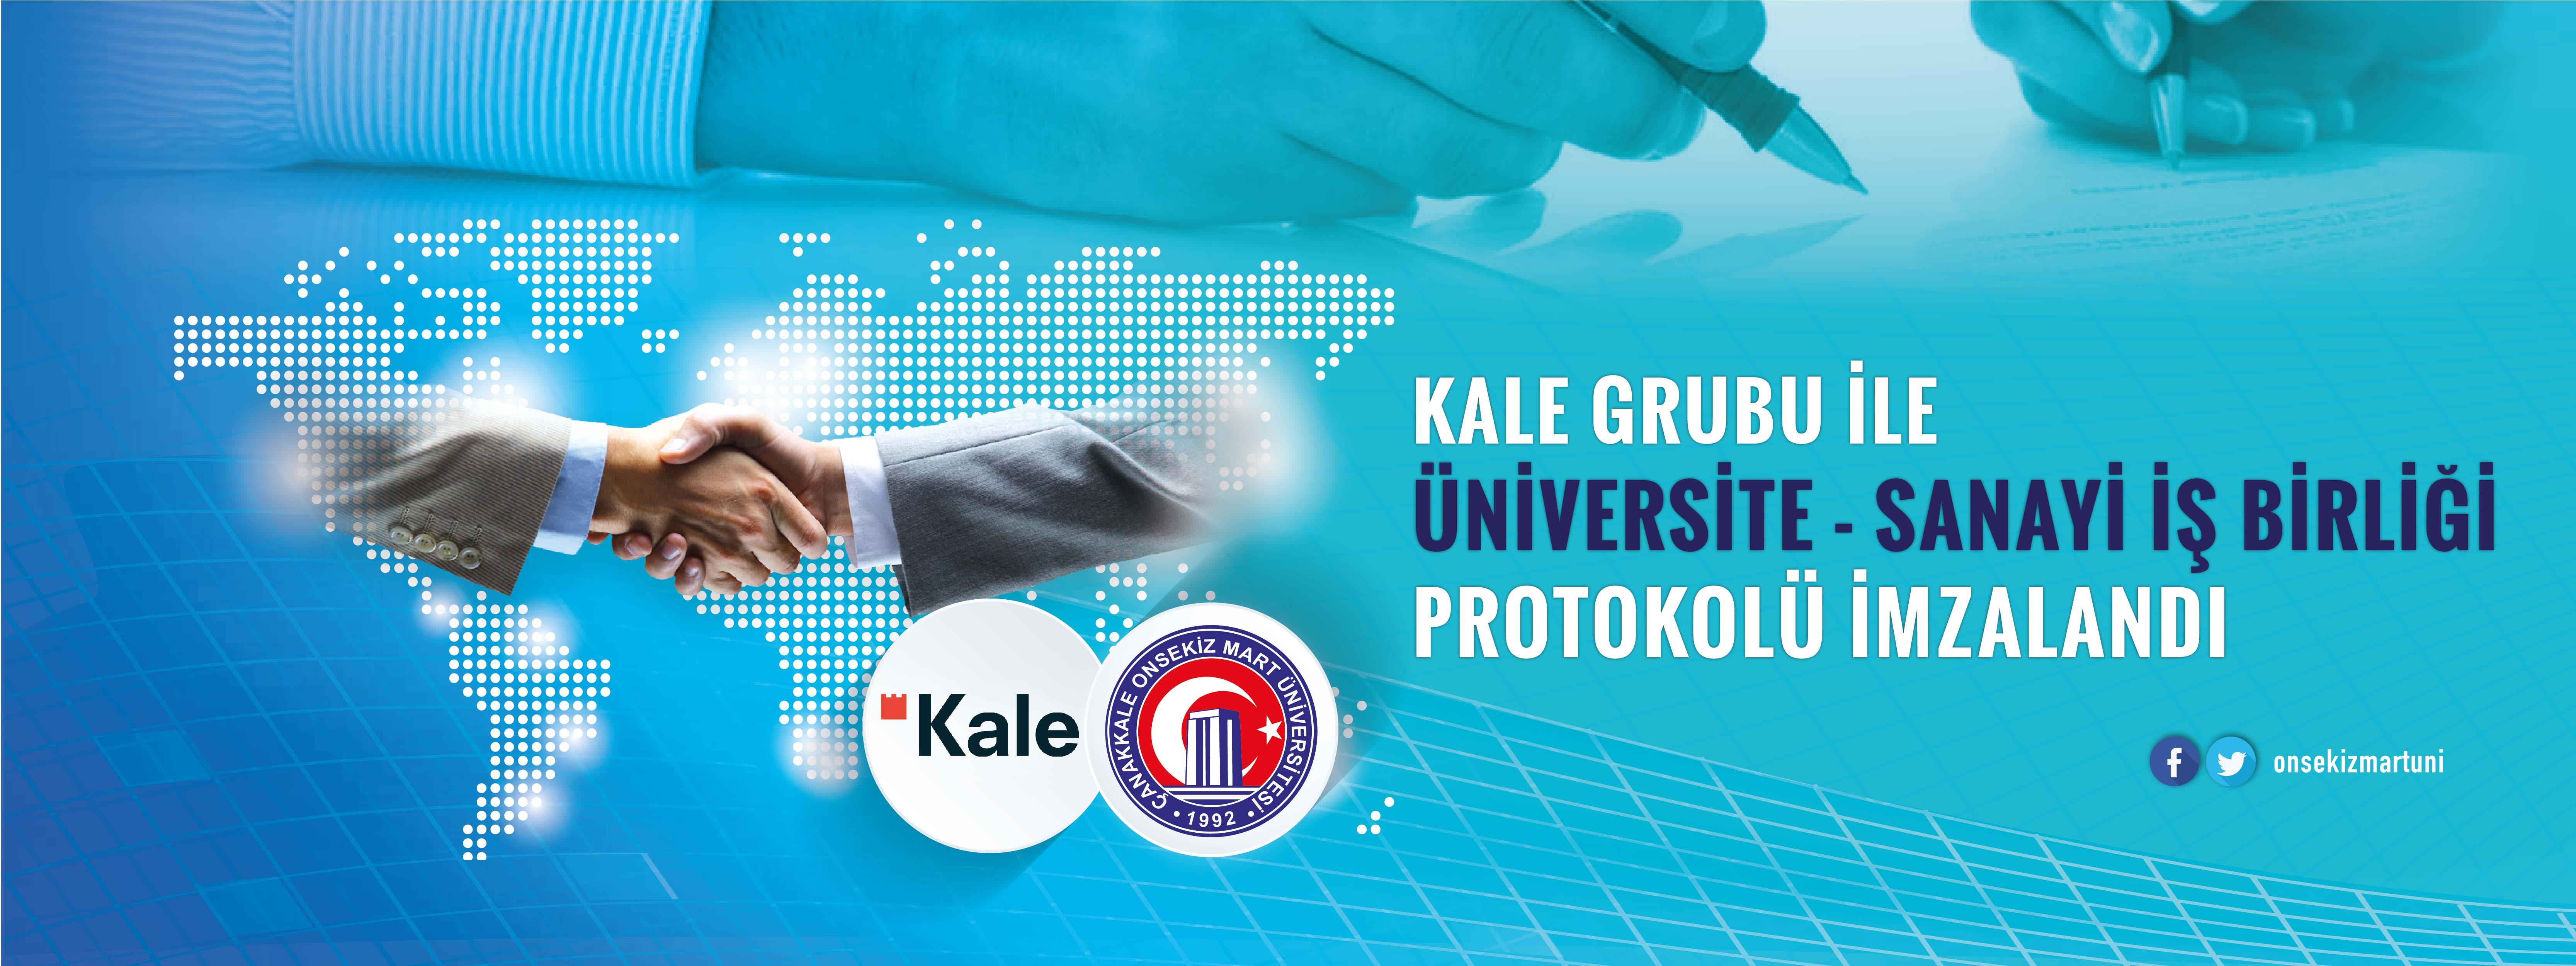 Kale Grubu İle Üniversite-Sanayi İş Birliği Protokolü İmzalandı